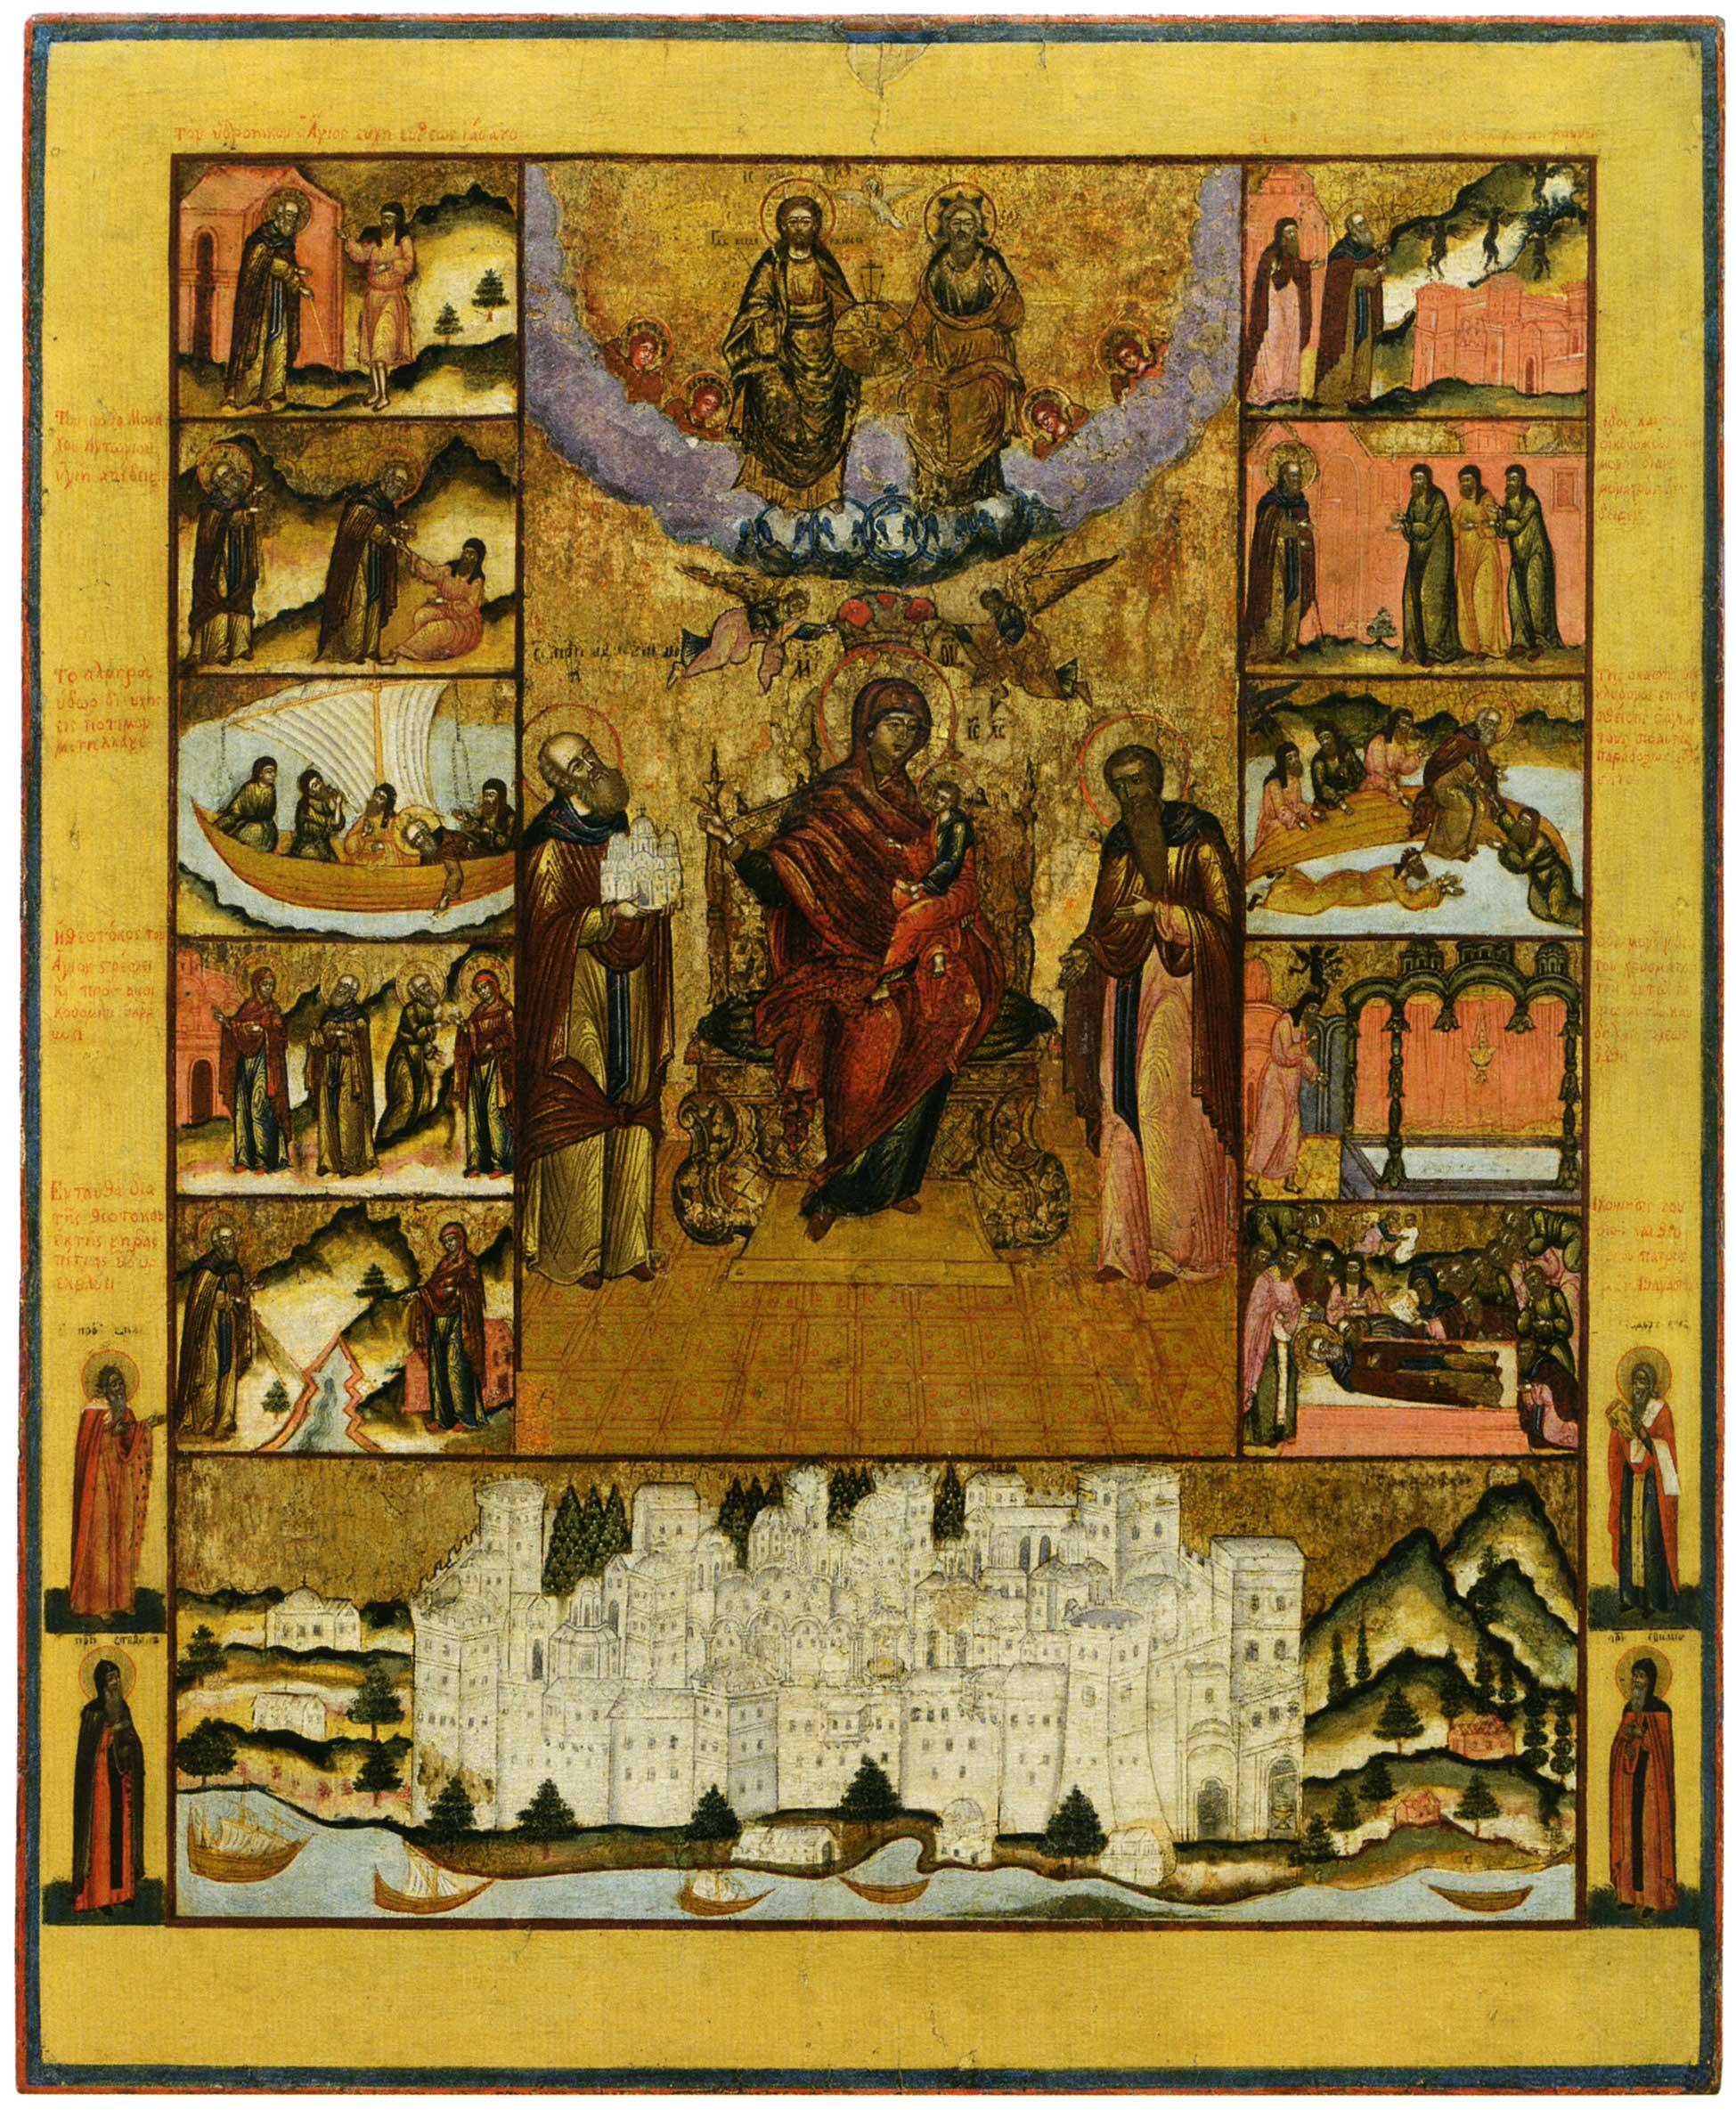 Богоматерь Экономисса, с житием прп. Афанасия Афонского и видом Великой лавры на Афоне